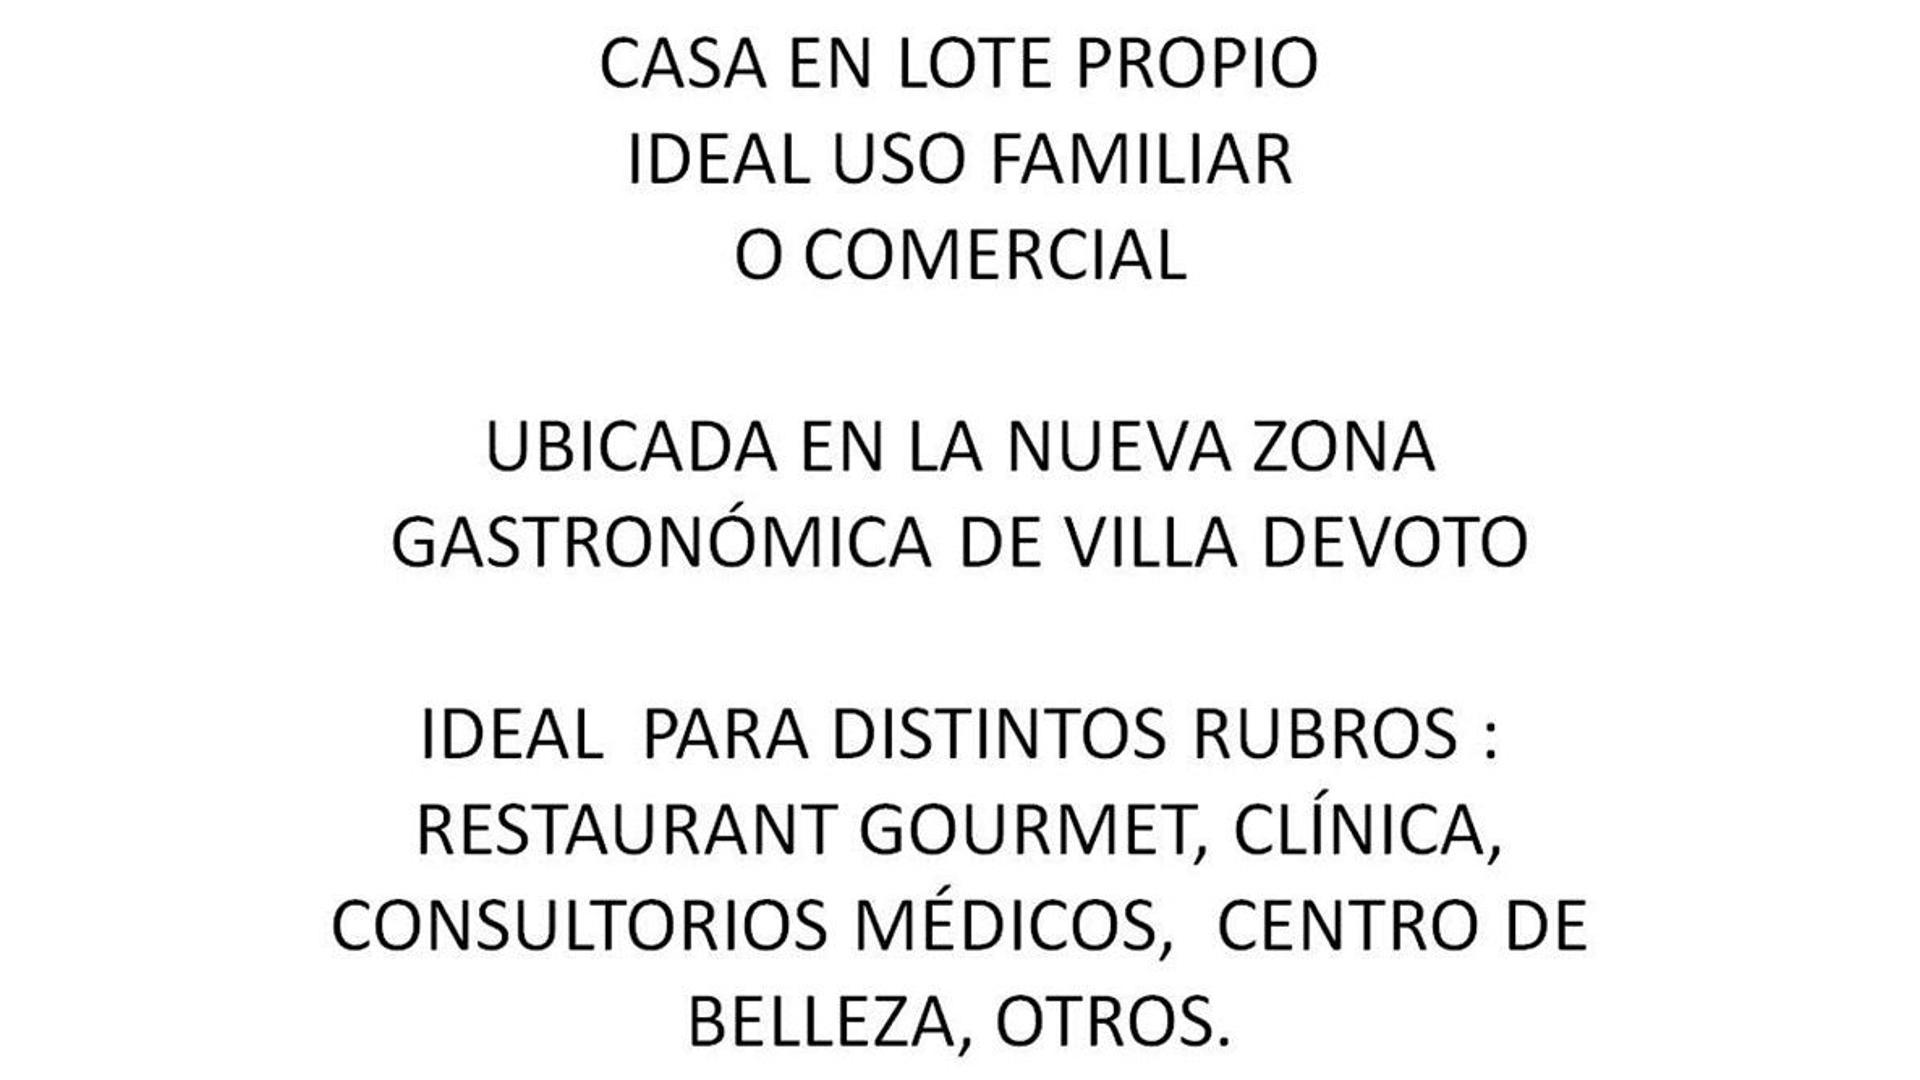 LOCAL COML -TODO USO - IDEAL CLINICA O GASTRONOMIA